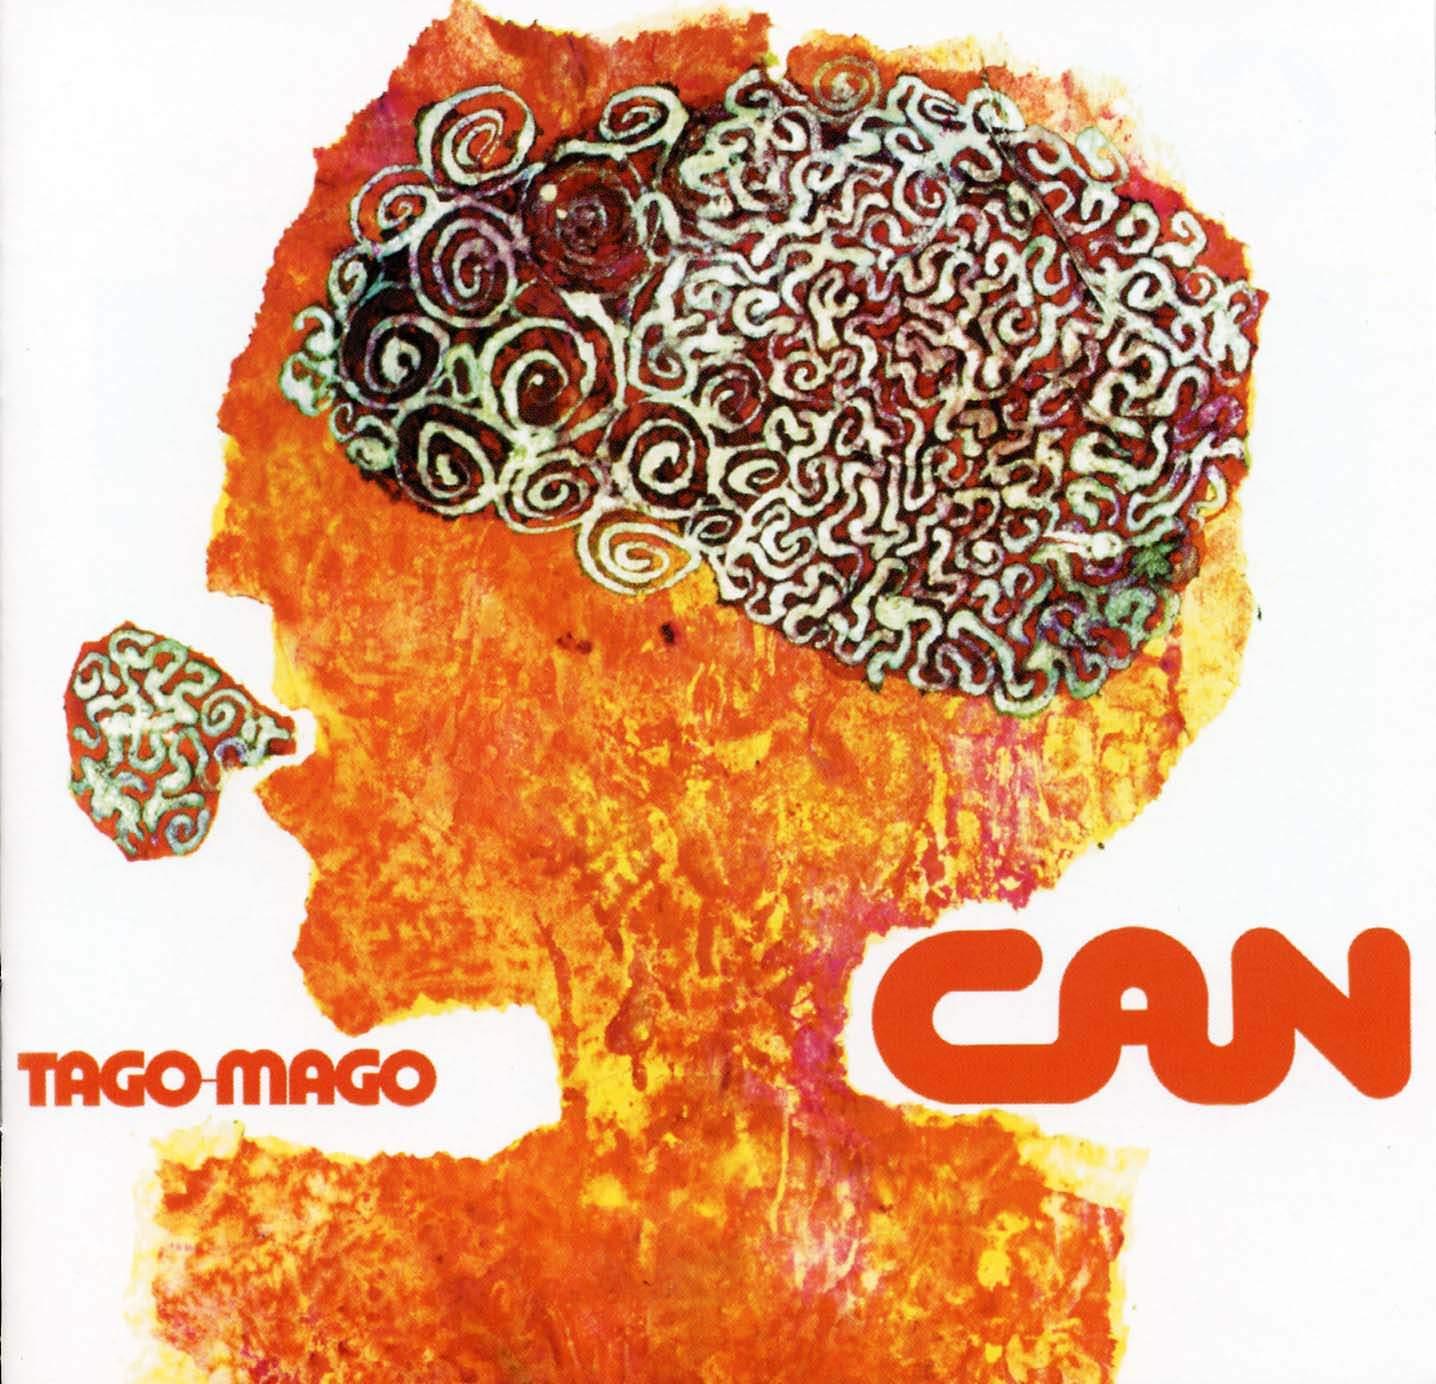 A rodar XXX - Página 6 CAN_TagoMago_Cover